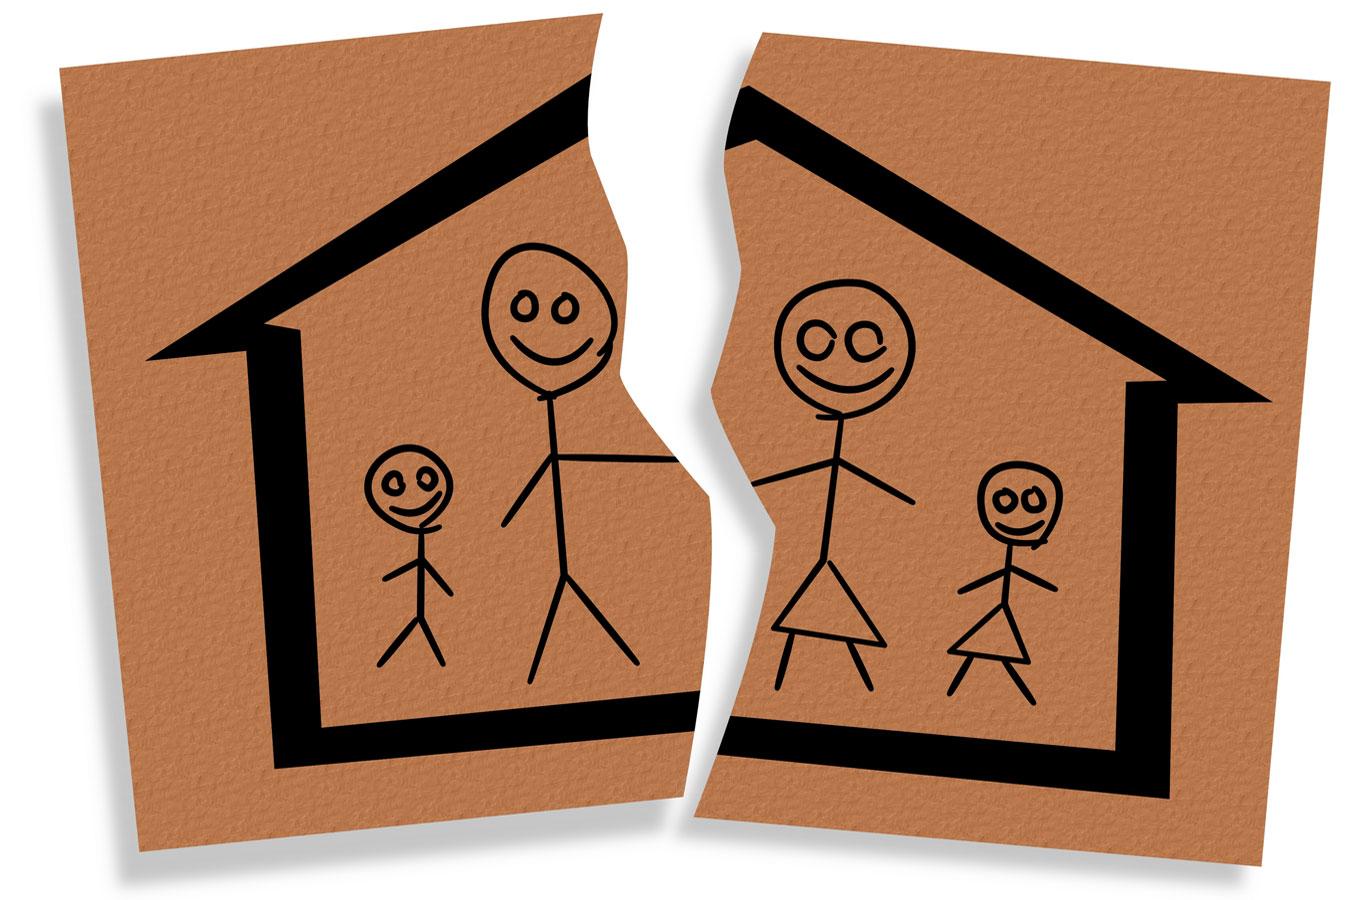 Как разделить однокомнатную квартиру при разводе – способы решения спора о разделе 1-ой квартиры между супругами